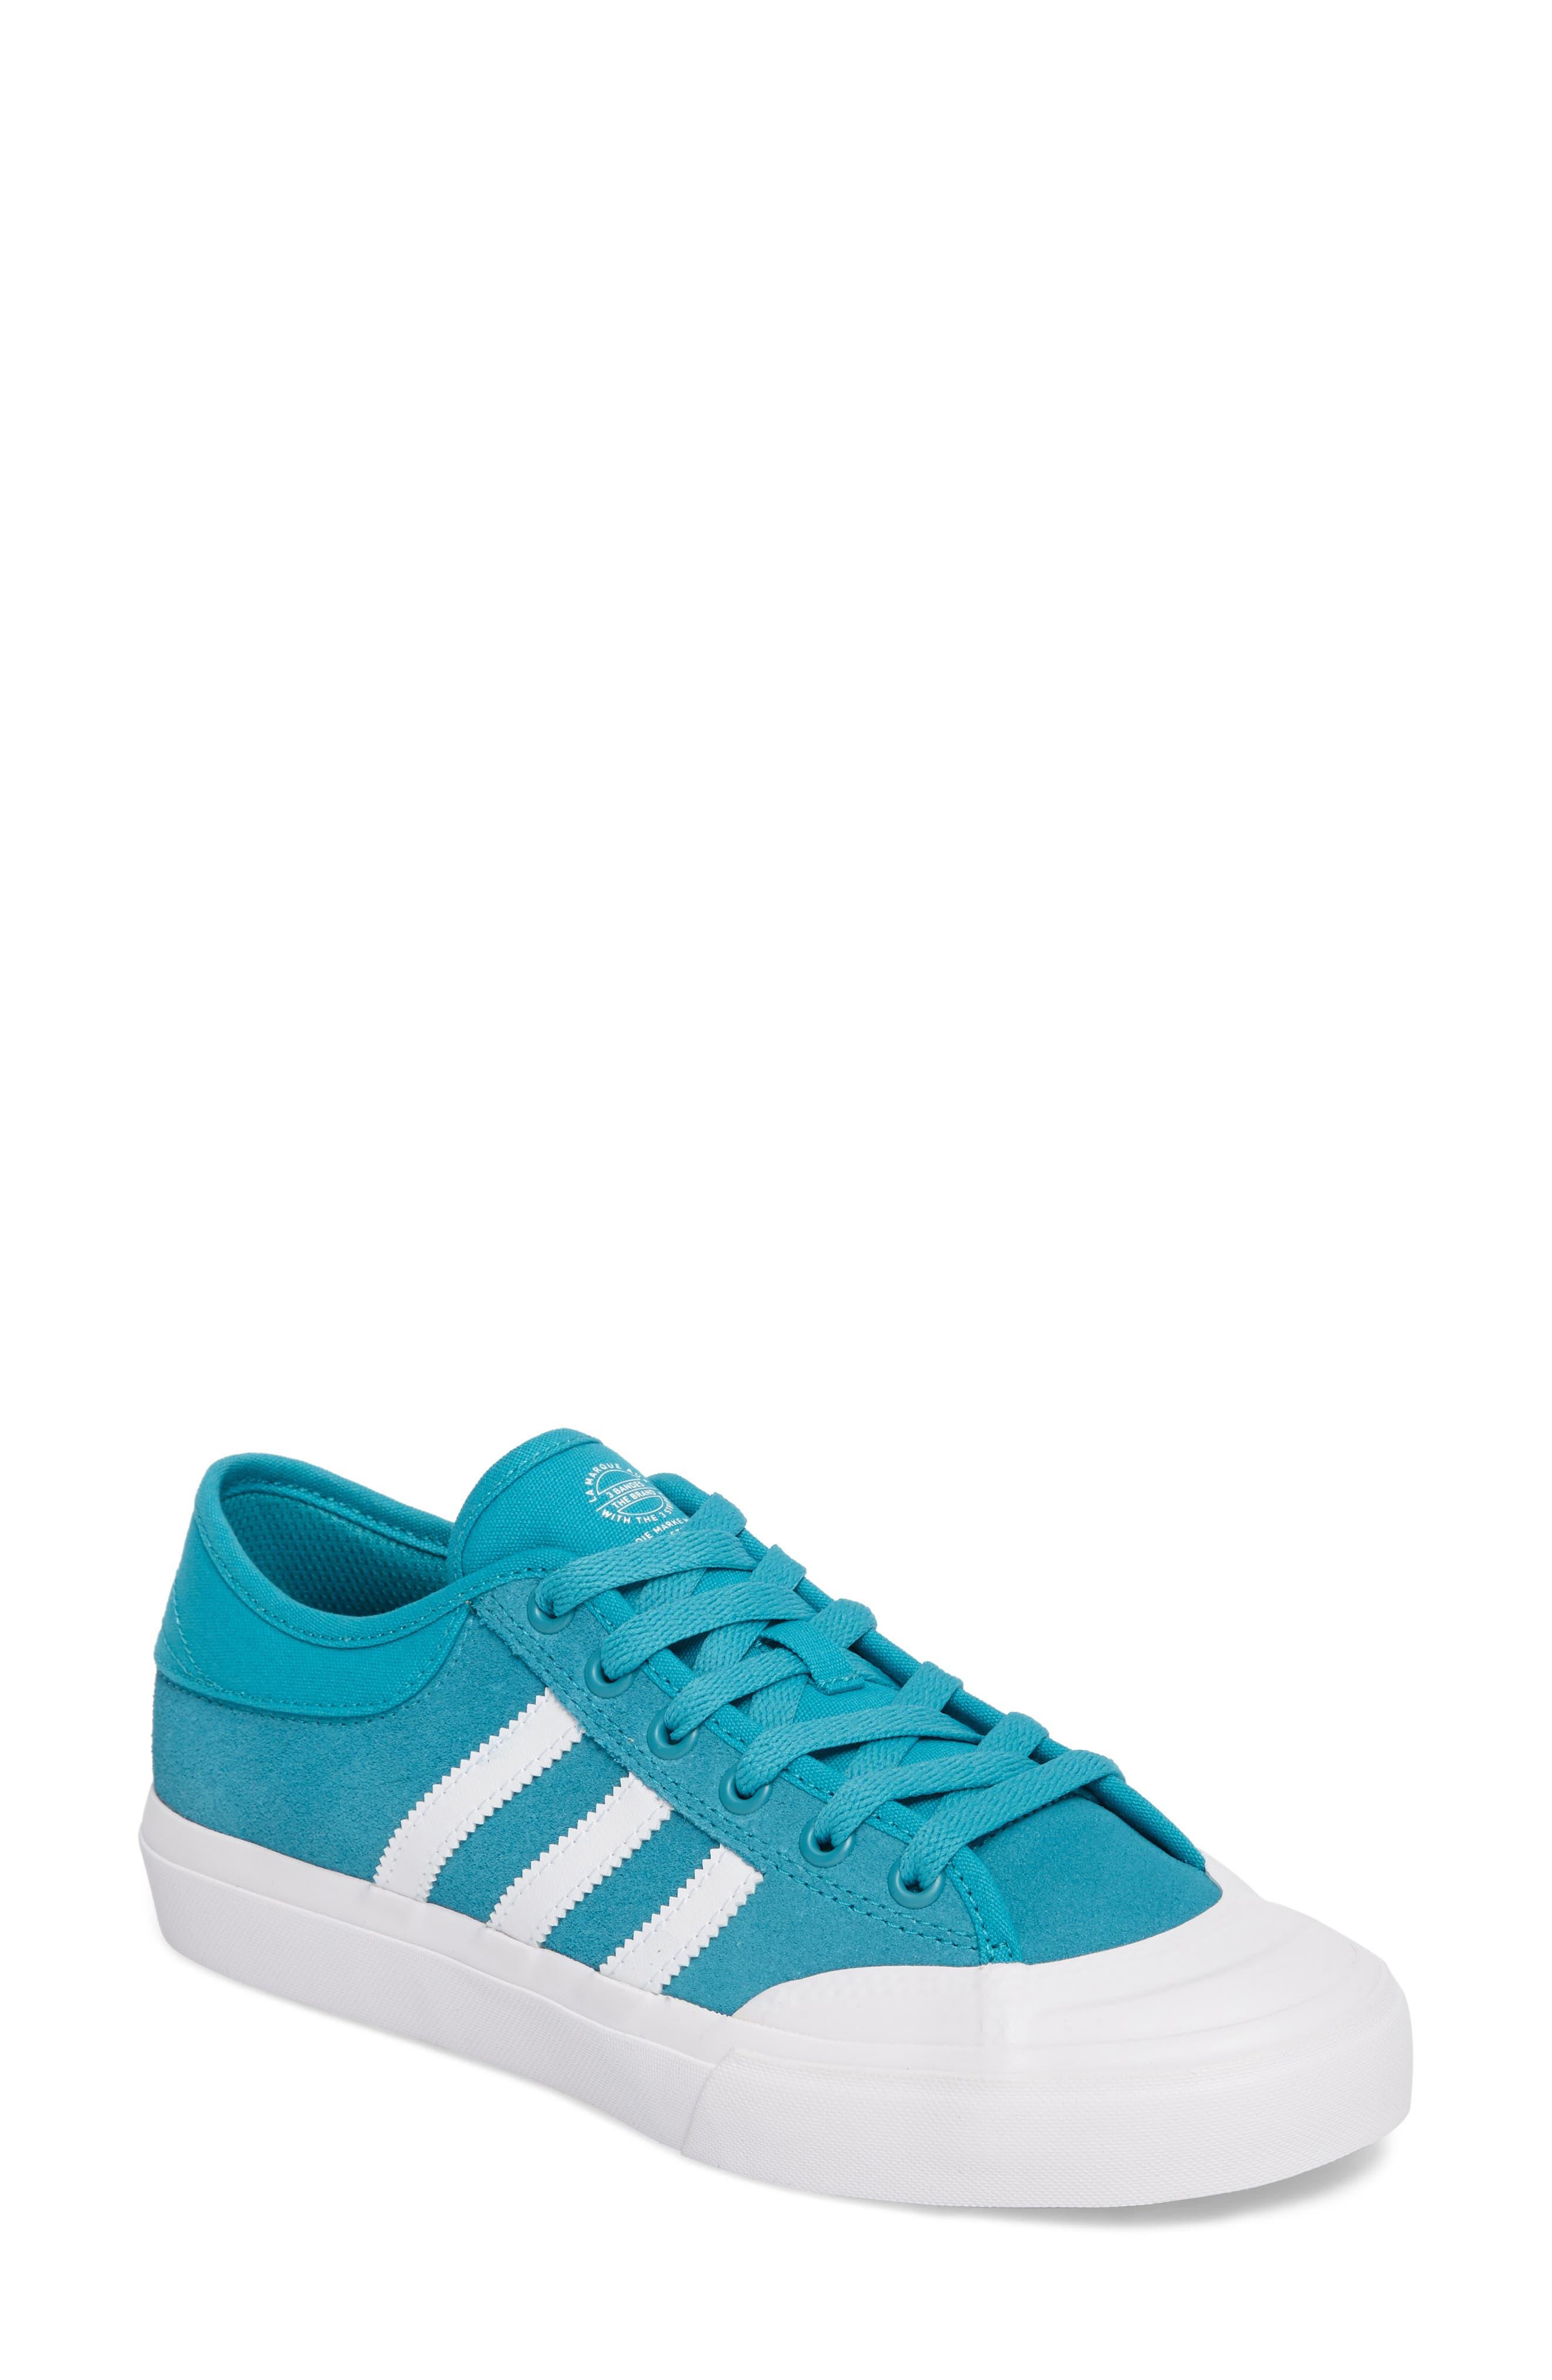 adidas Matchcourt Mid High Sneaker (Women)